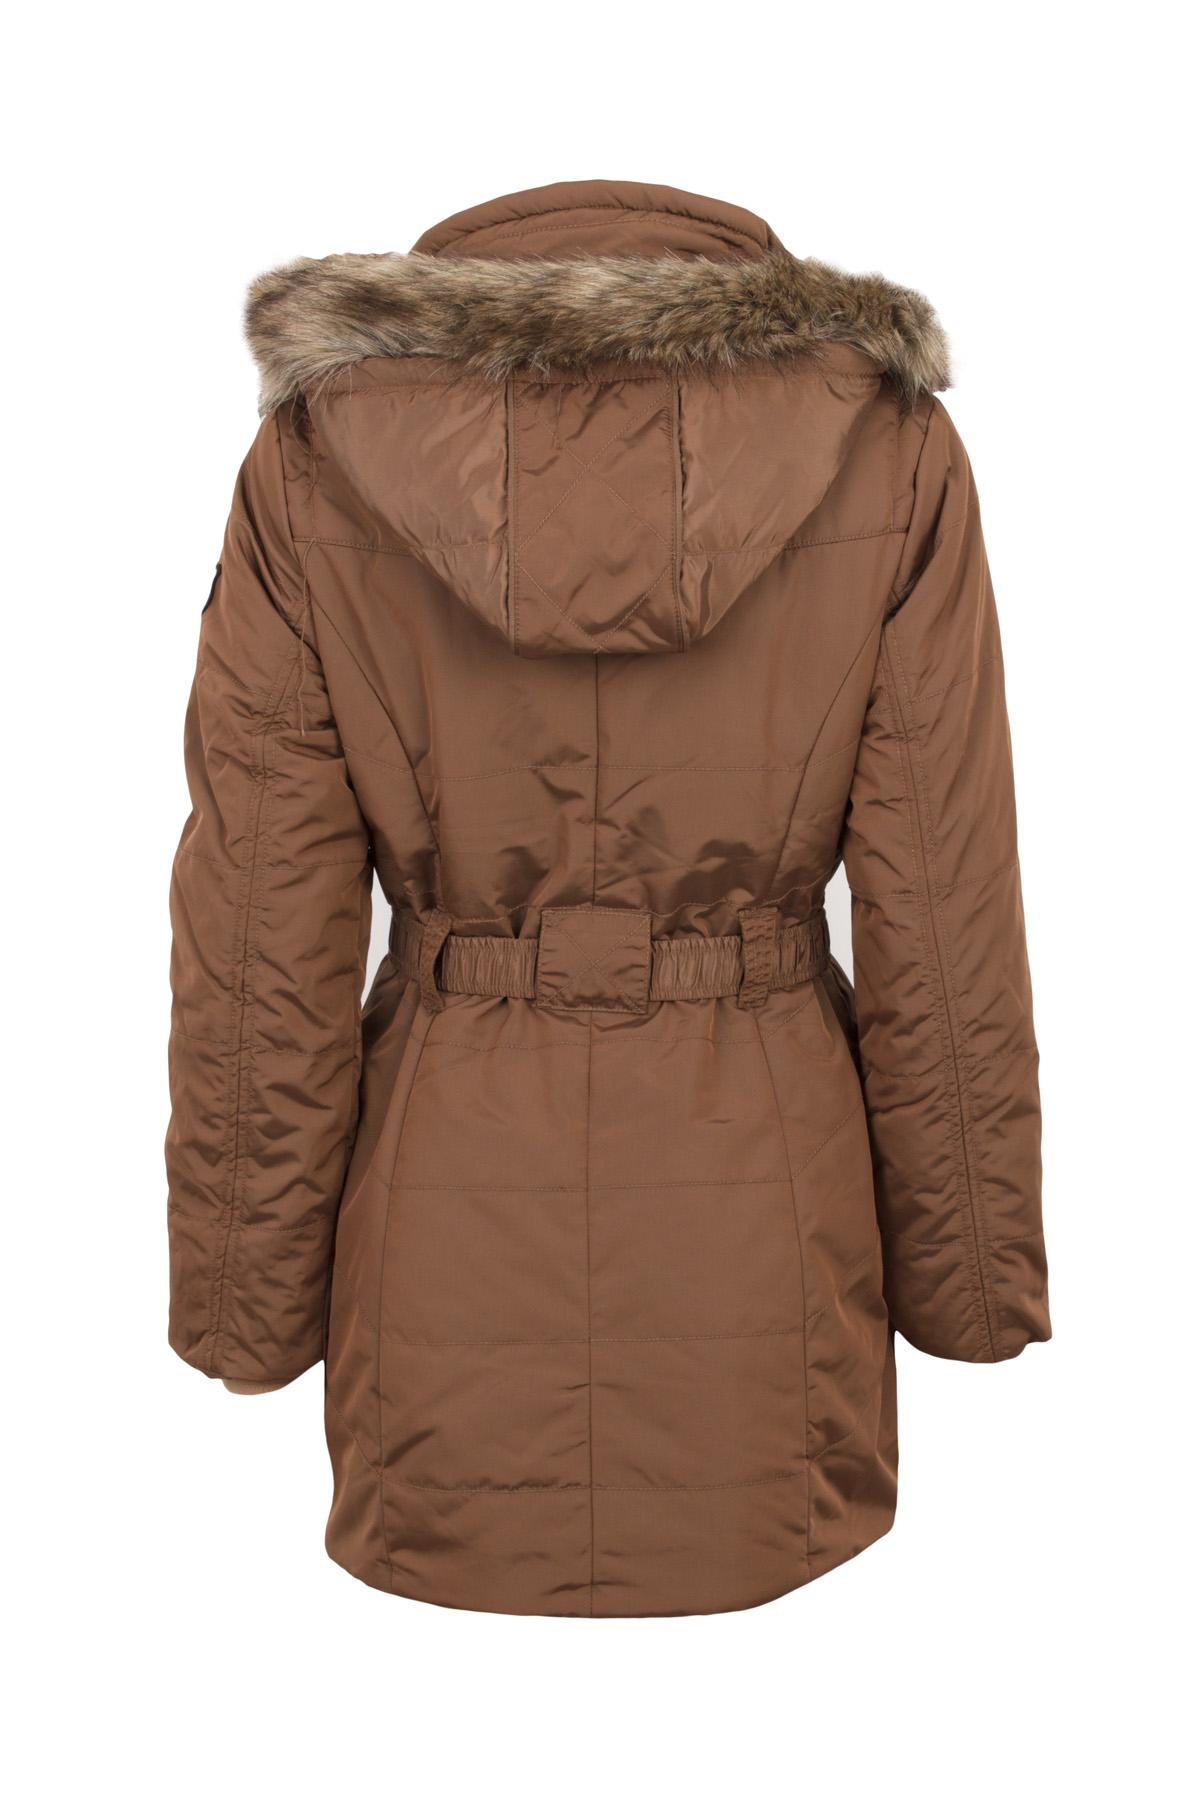 s oliver damen wintermantel mantel 5661 uvp 159 95. Black Bedroom Furniture Sets. Home Design Ideas